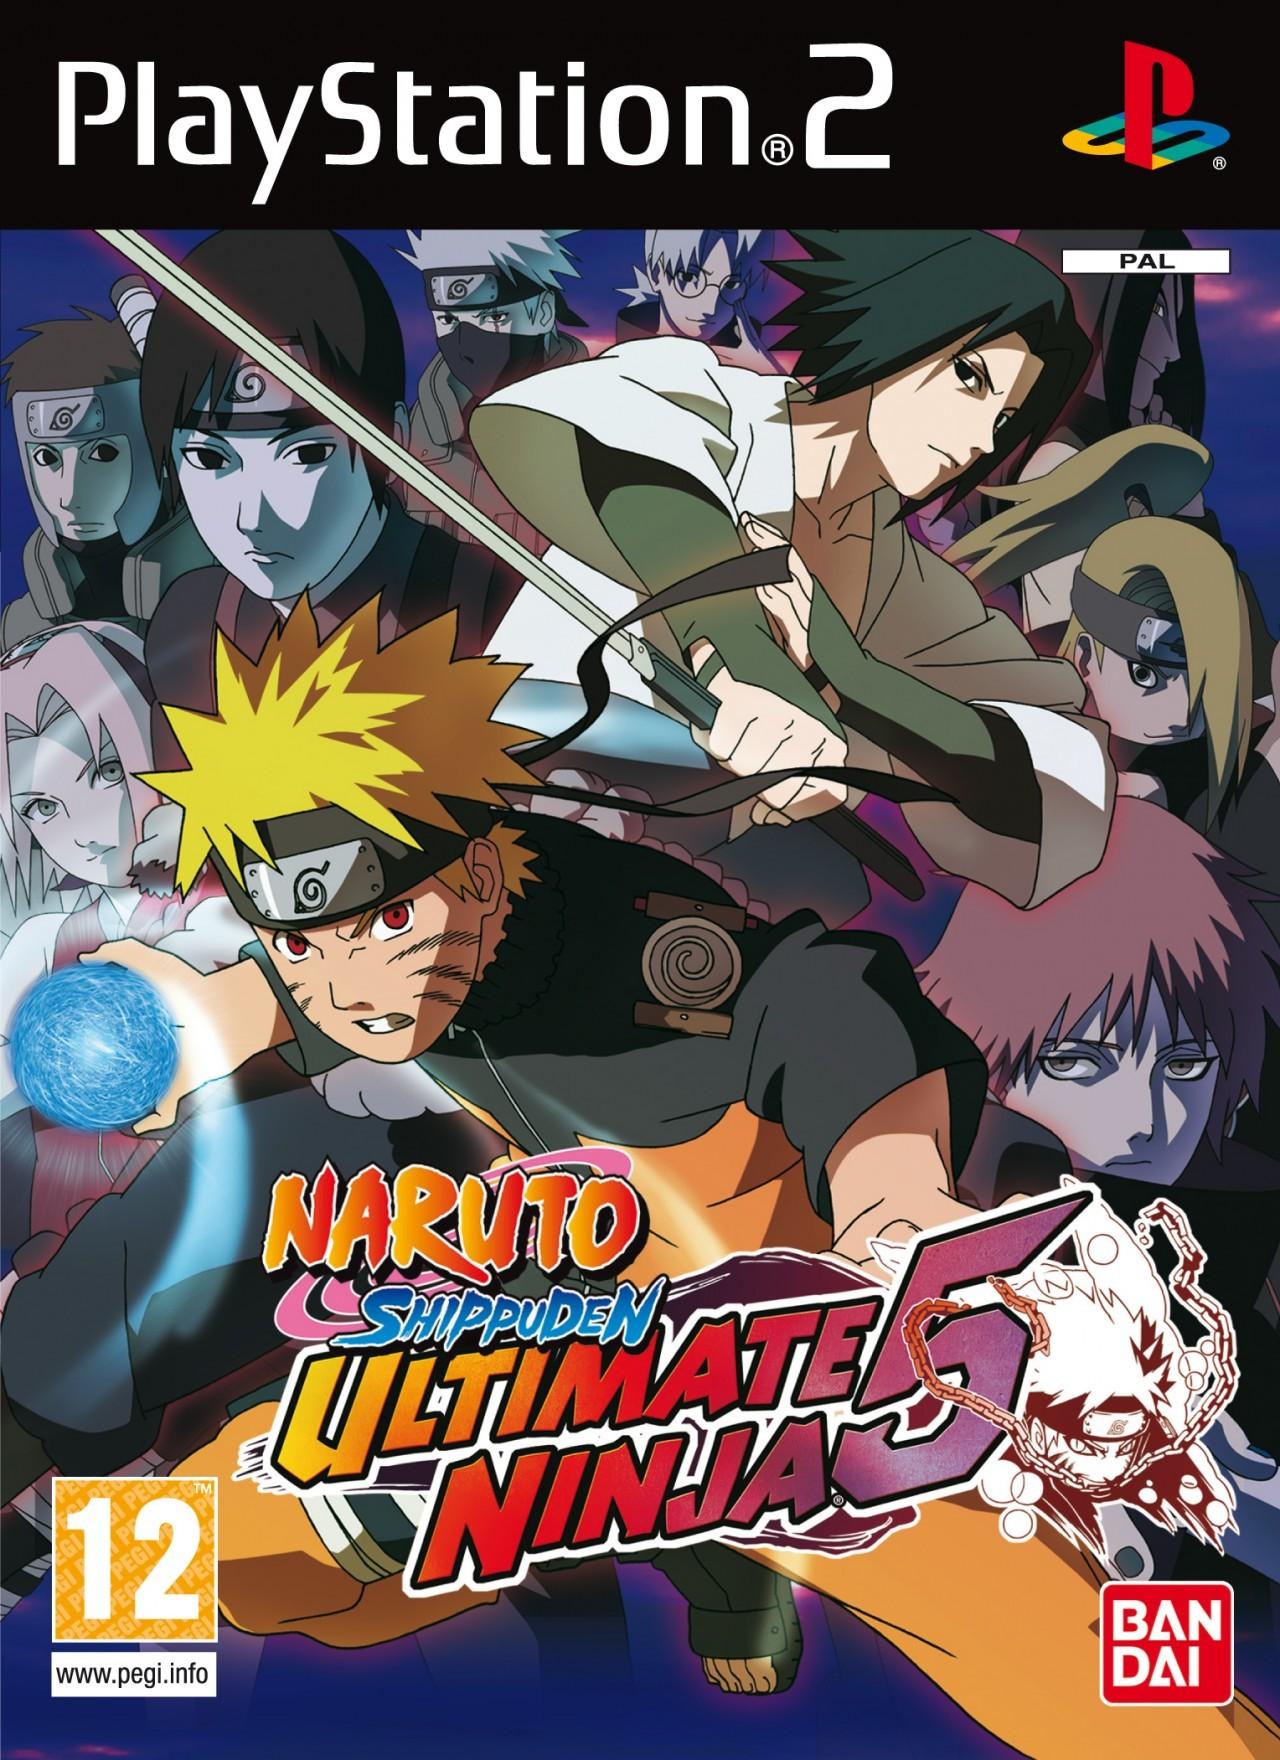 Naruto Shippūden: Ultimate Ninja 5 | Narutopedia | Fandom powered by Wikia